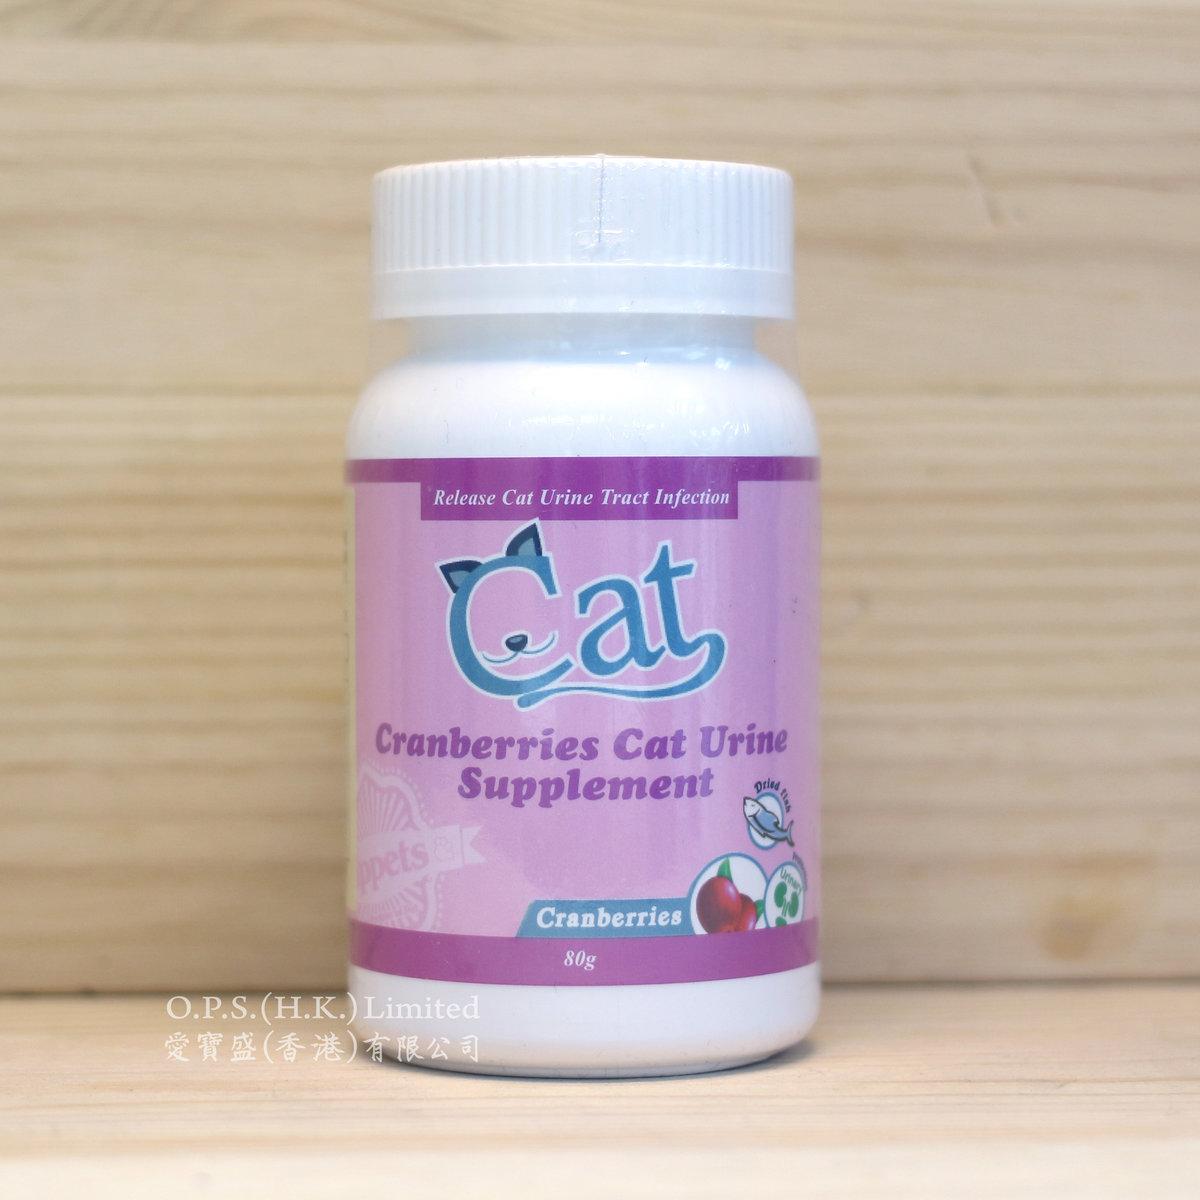 Cranberries Cat Urine Supplement 80g (002007)